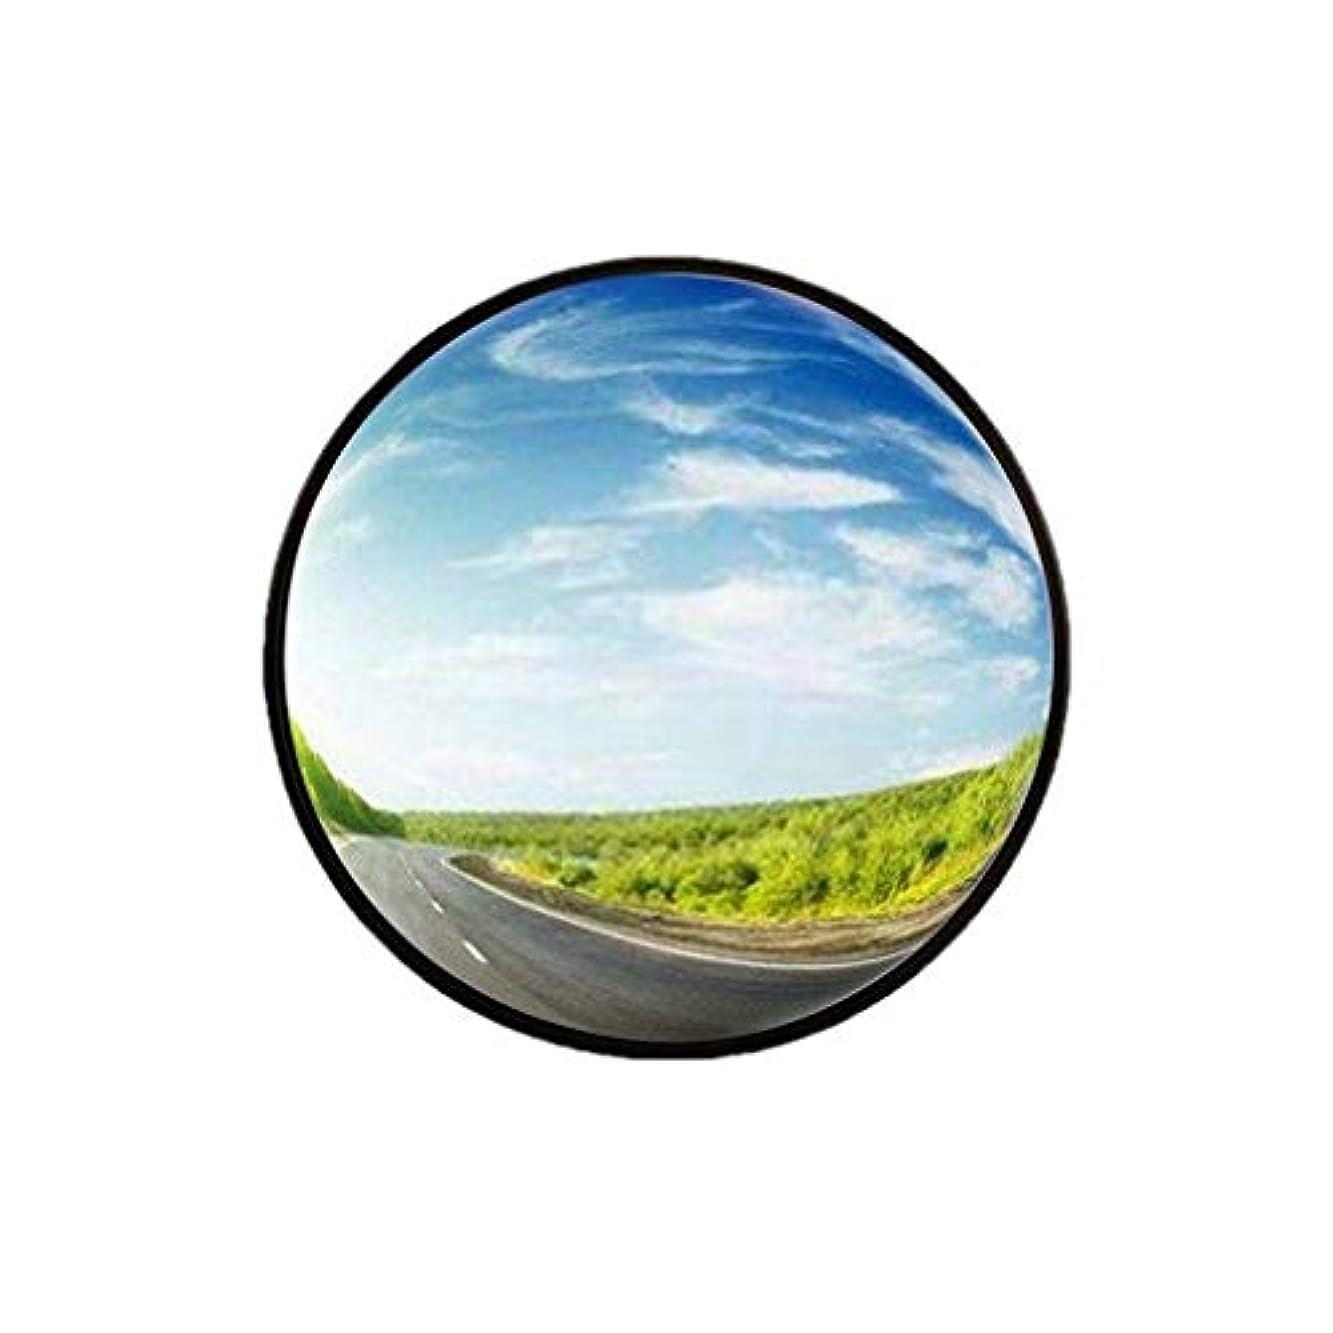 パーティション対処する役に立たない-Safety Mirrors室内盗難防止ミラー、小型プラスチック広角レンズブラックポータブル凸面鏡オフィスウェアハウスブラインドスポットミラー30-60CM(サイズ:45CM)